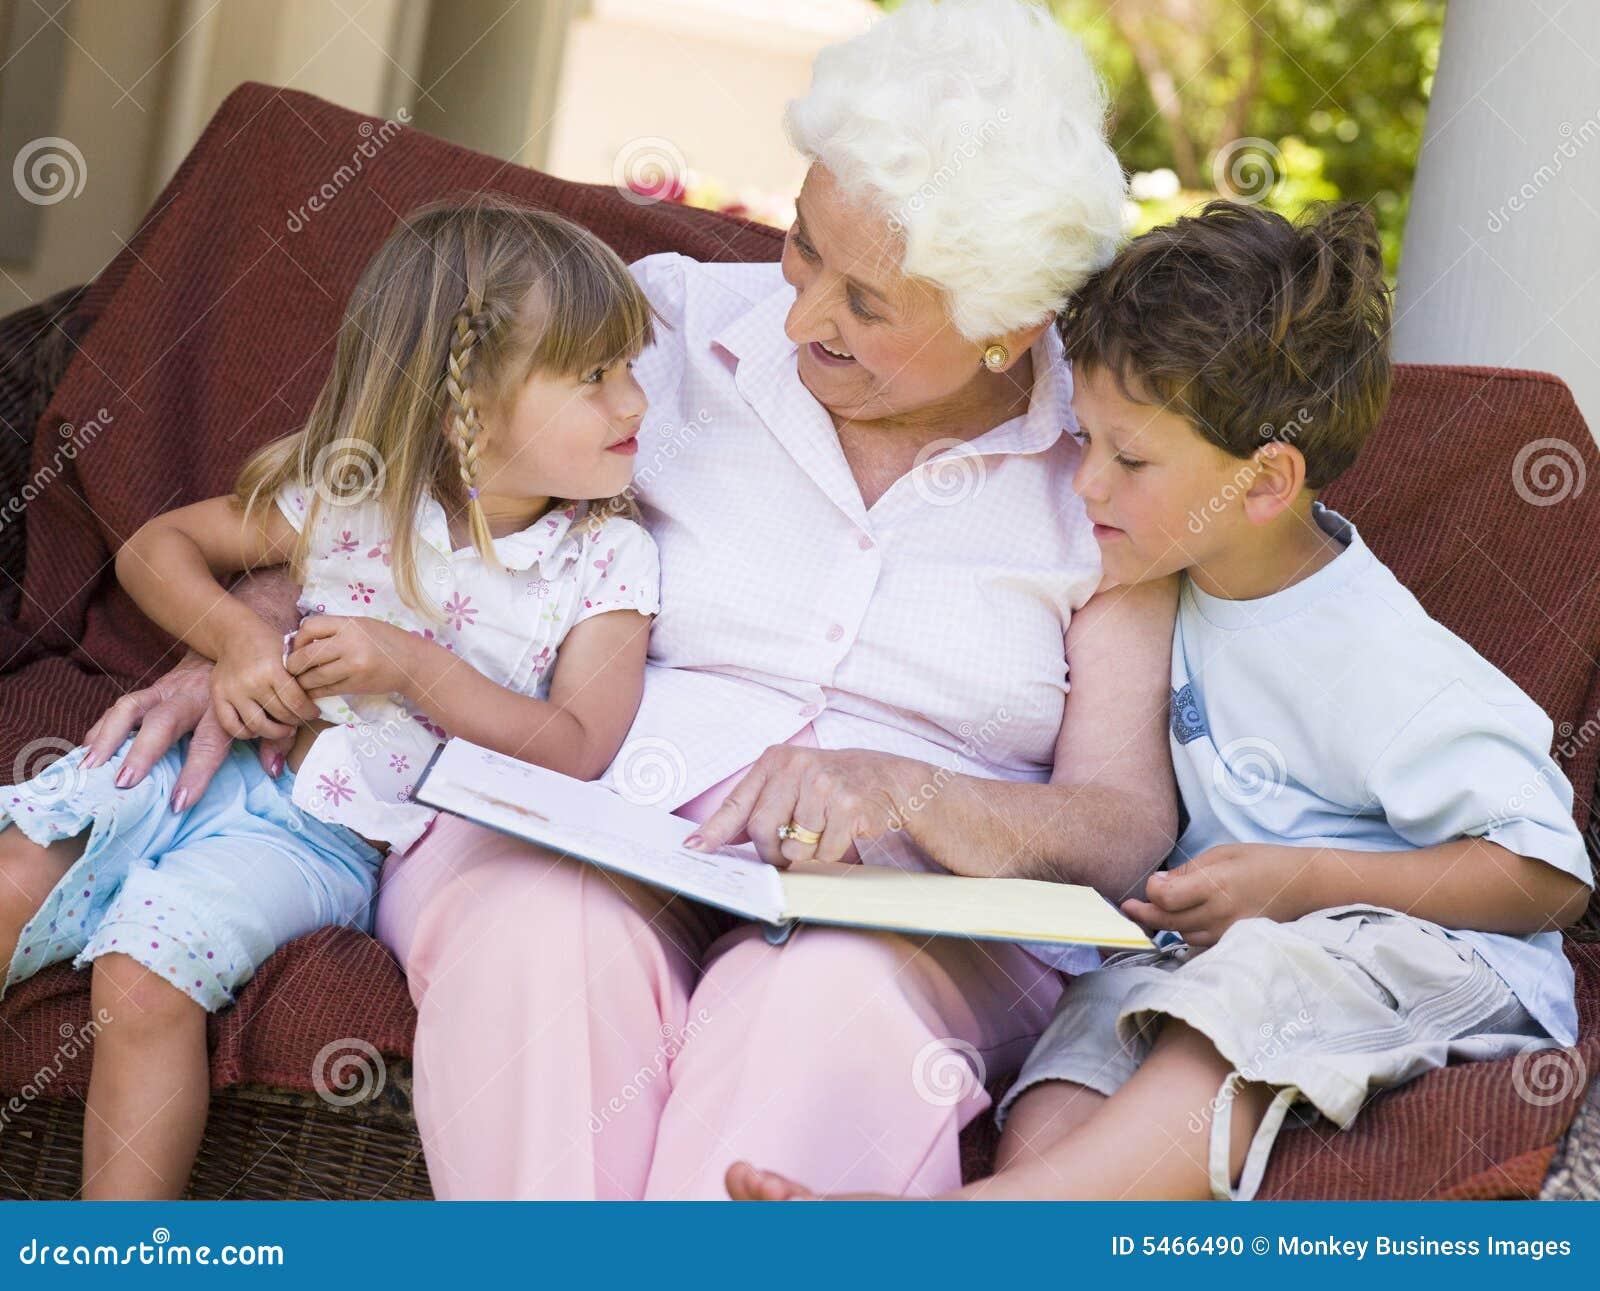 image El joven seduce a la abuela mayor